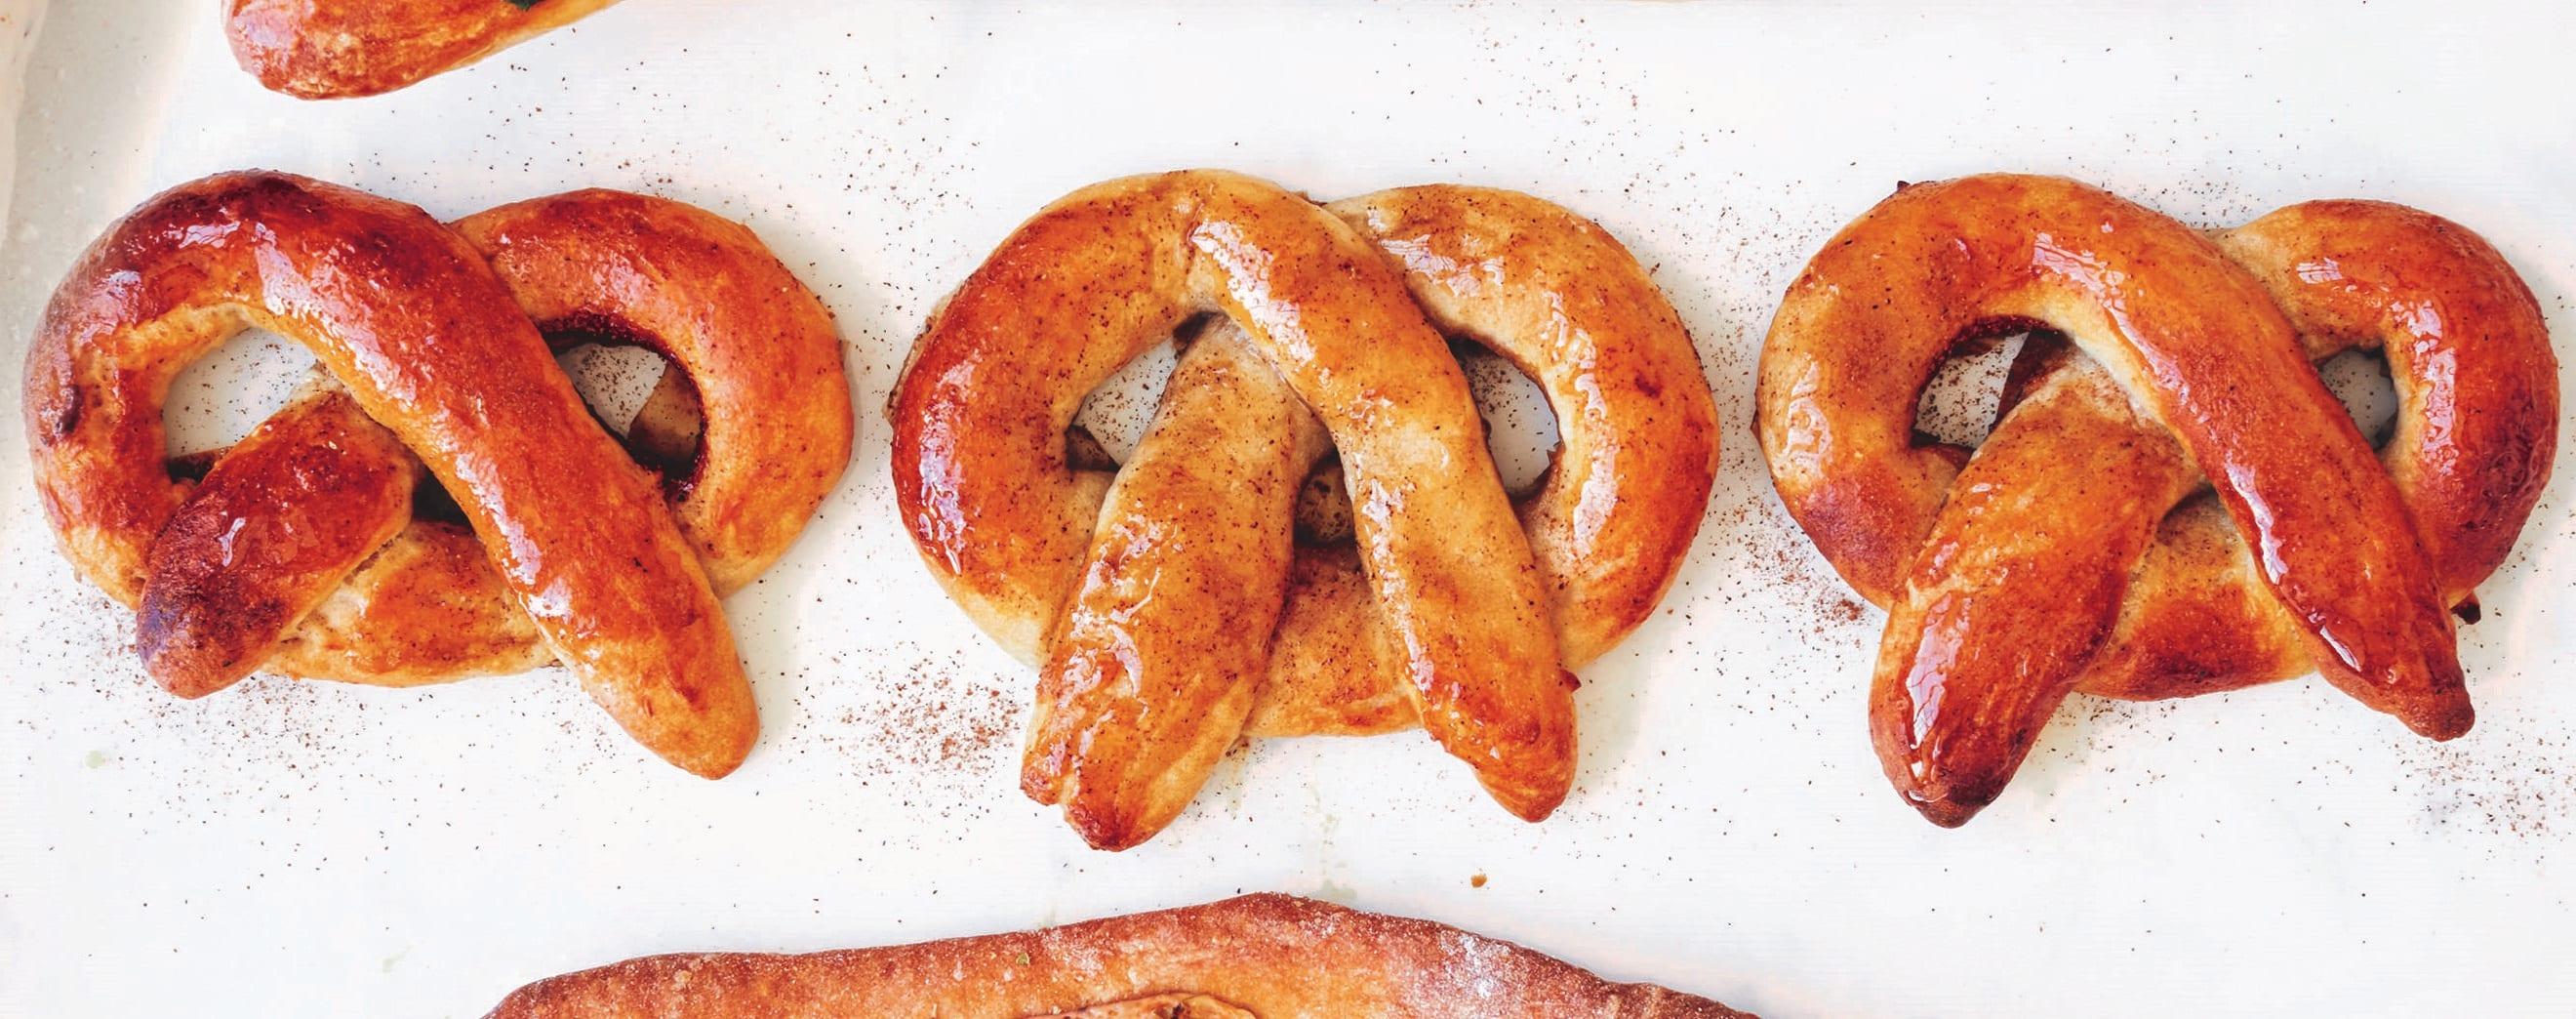 Photo of Cinnamon pretzels by WW